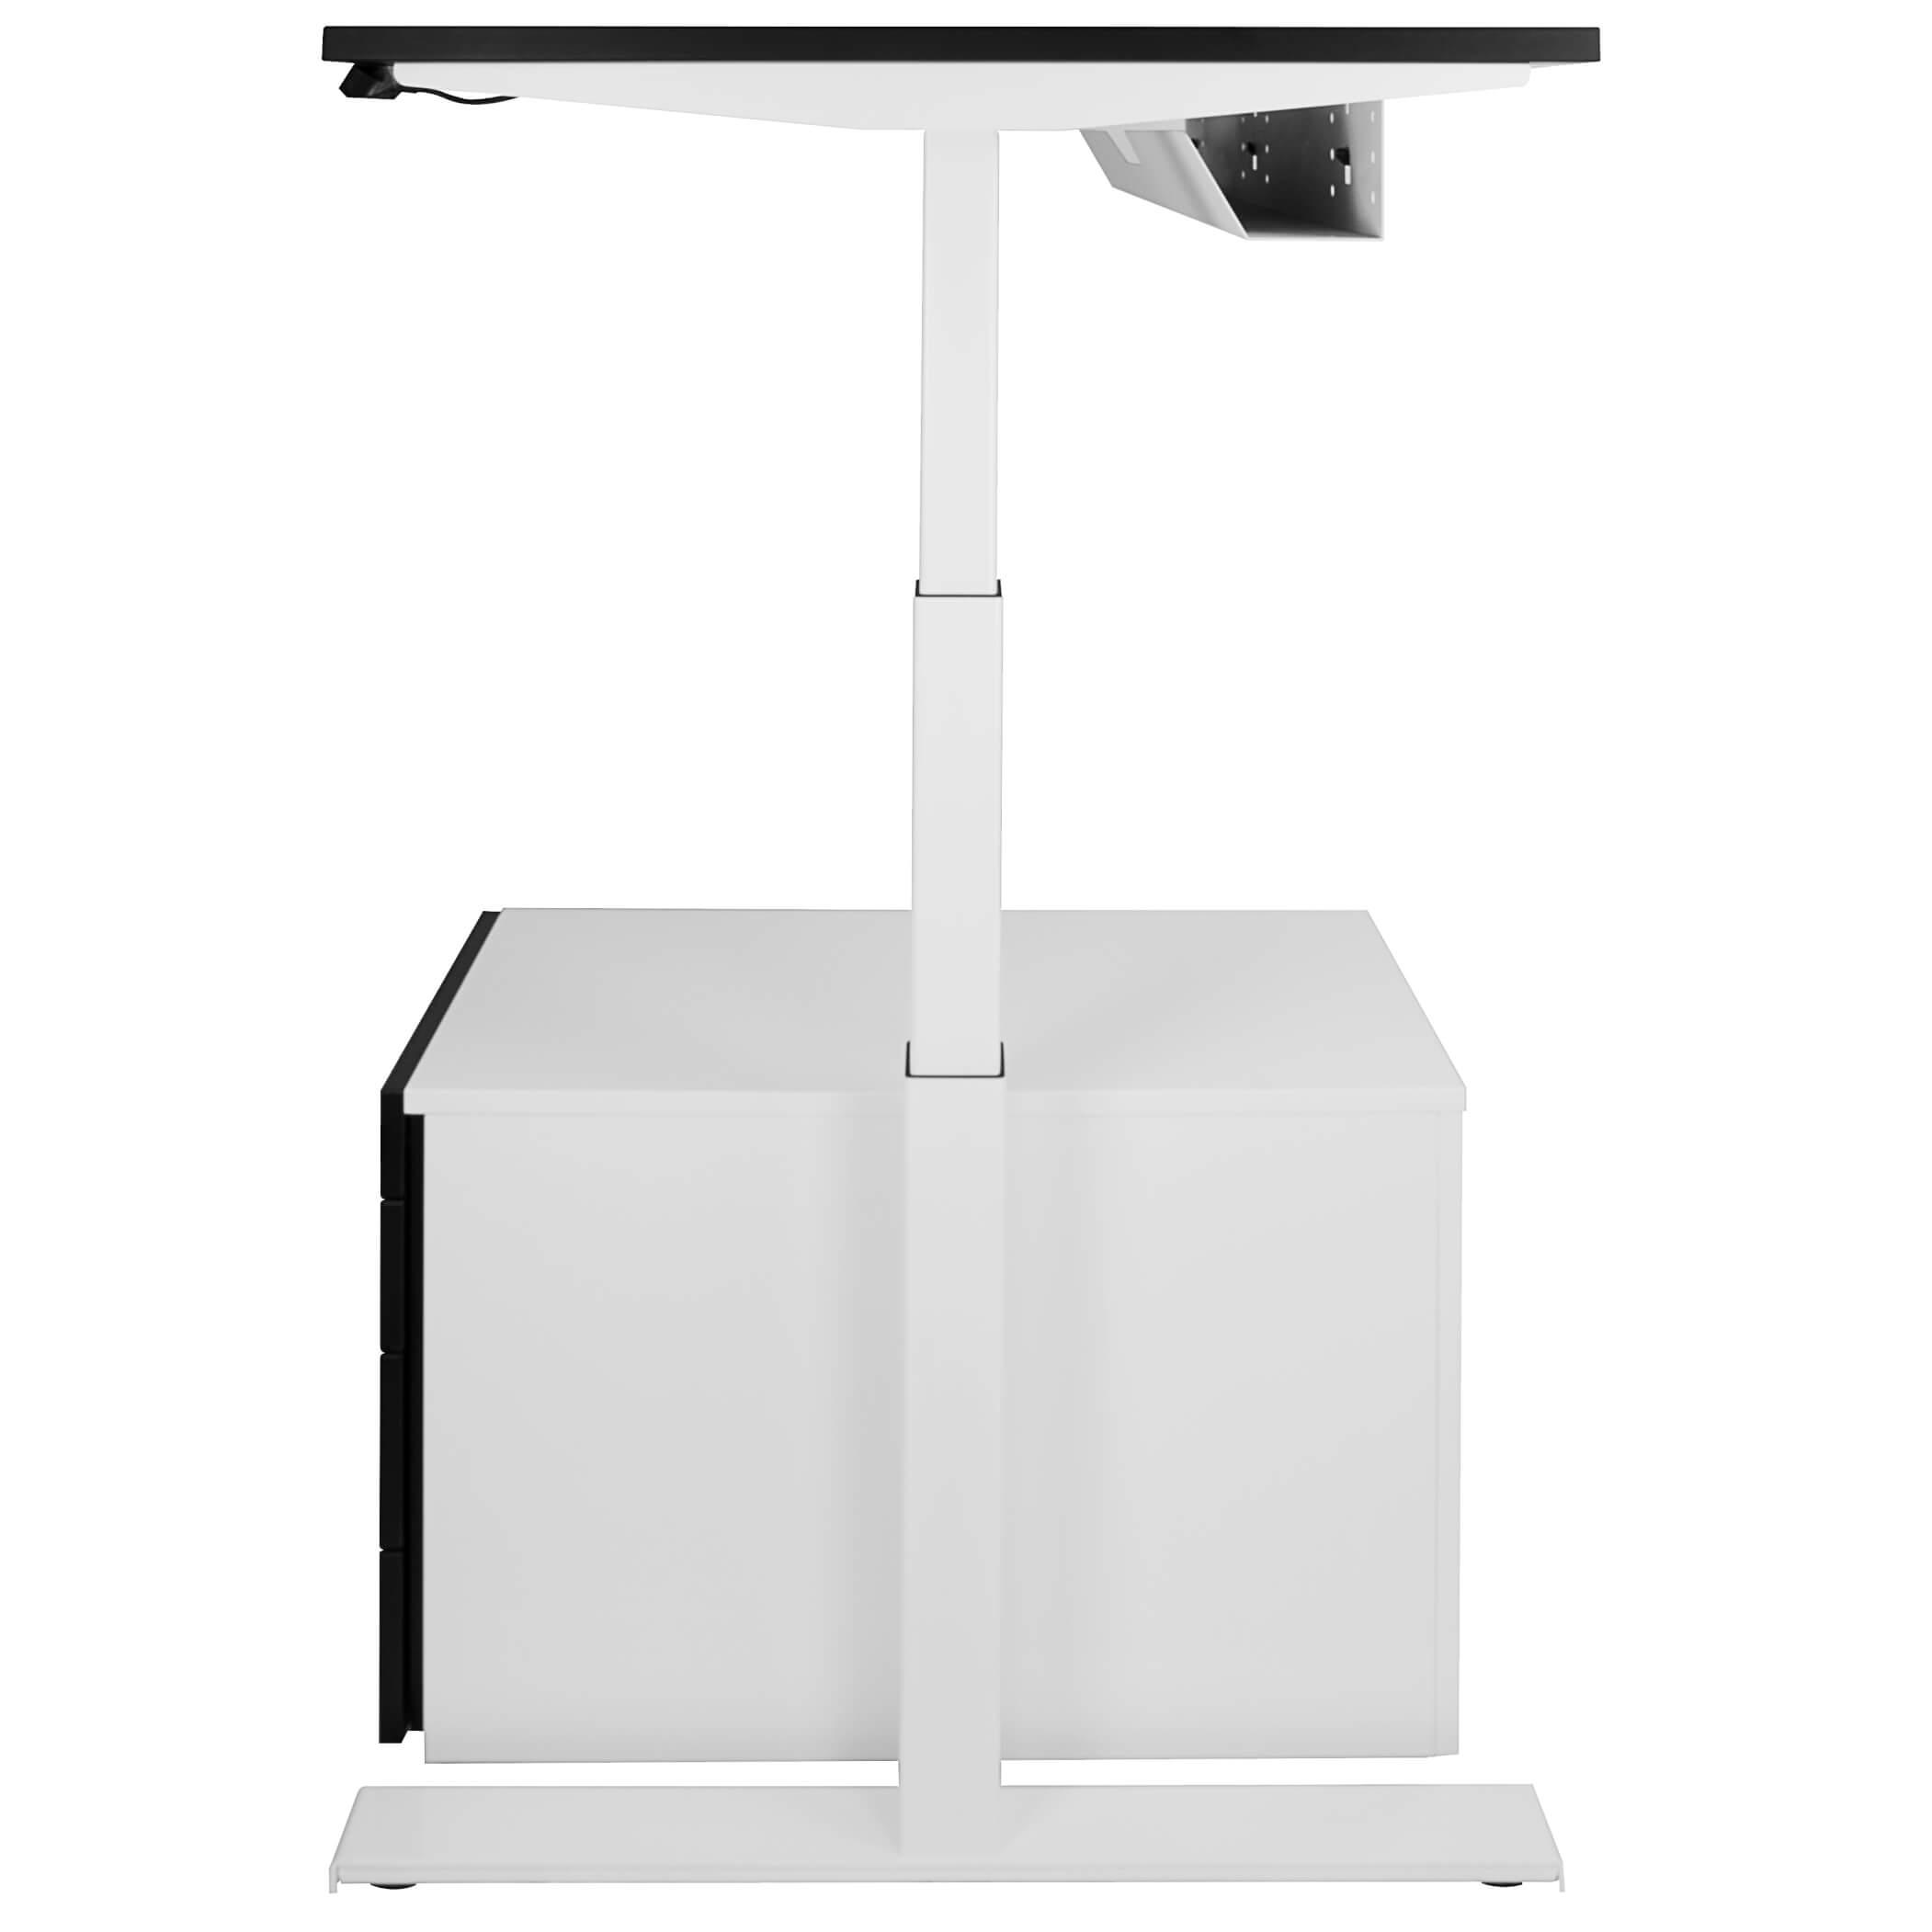 Elektrisch höhenverstellbar Schreibtisch eModel 80 cm tief in vielen Farben Motortisch motorisch höhenverstellbar